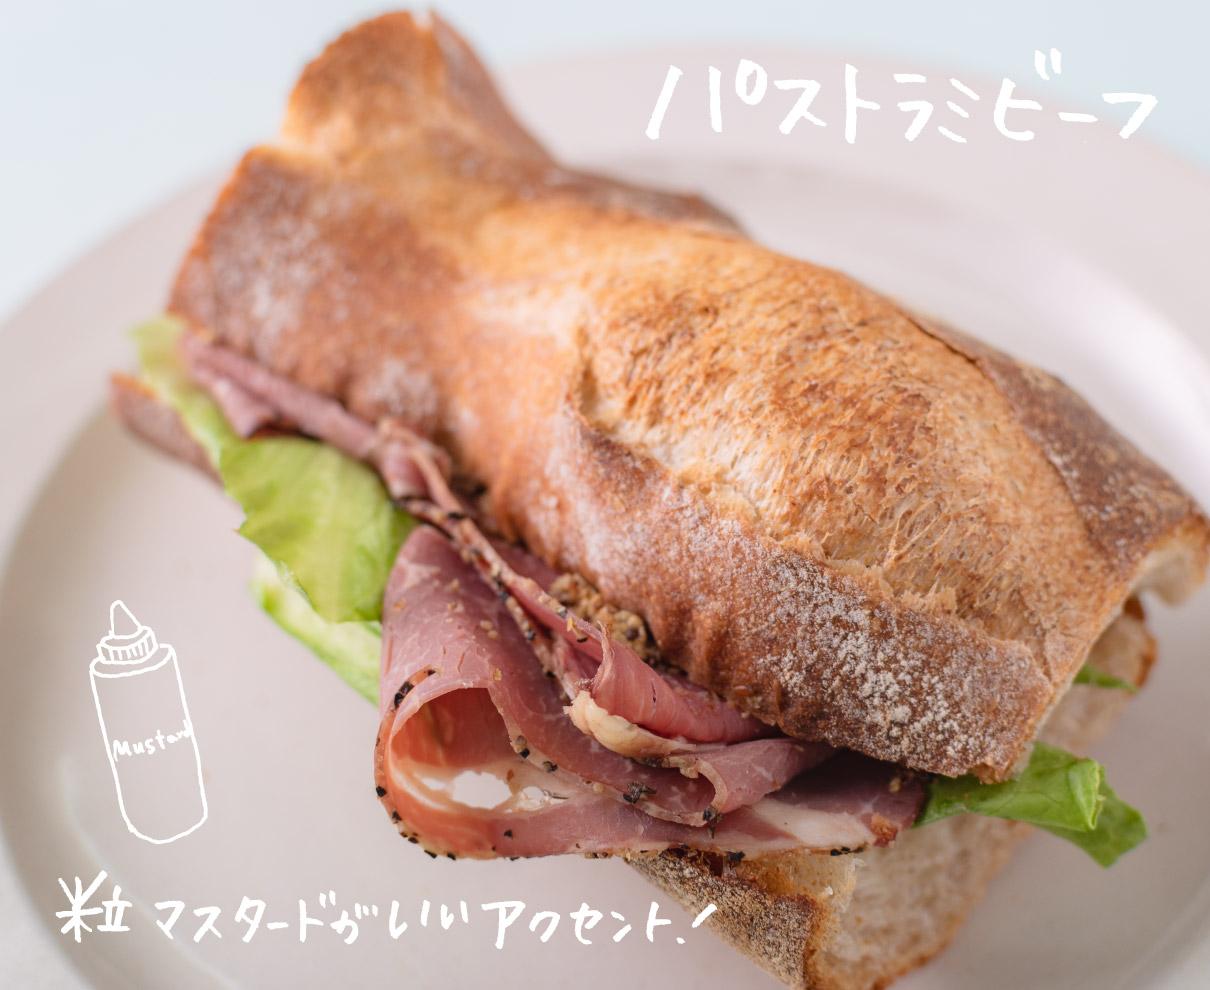 ピリッとしたマスタードがビーフの美味さを引き立てる贅沢サンド|Strawberry Fields Bakery